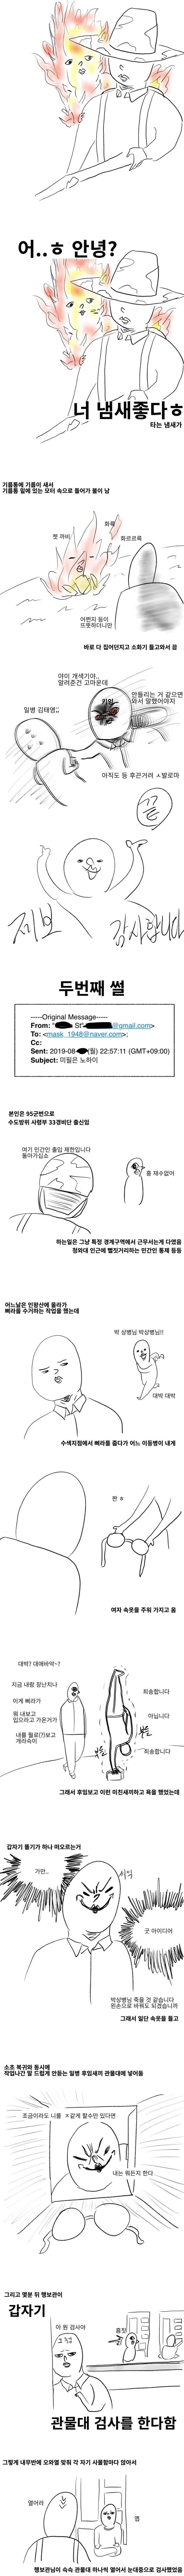 나의 군대 이야기 - 제보 썰 단편 모음집 11.manwha | 인스티즈